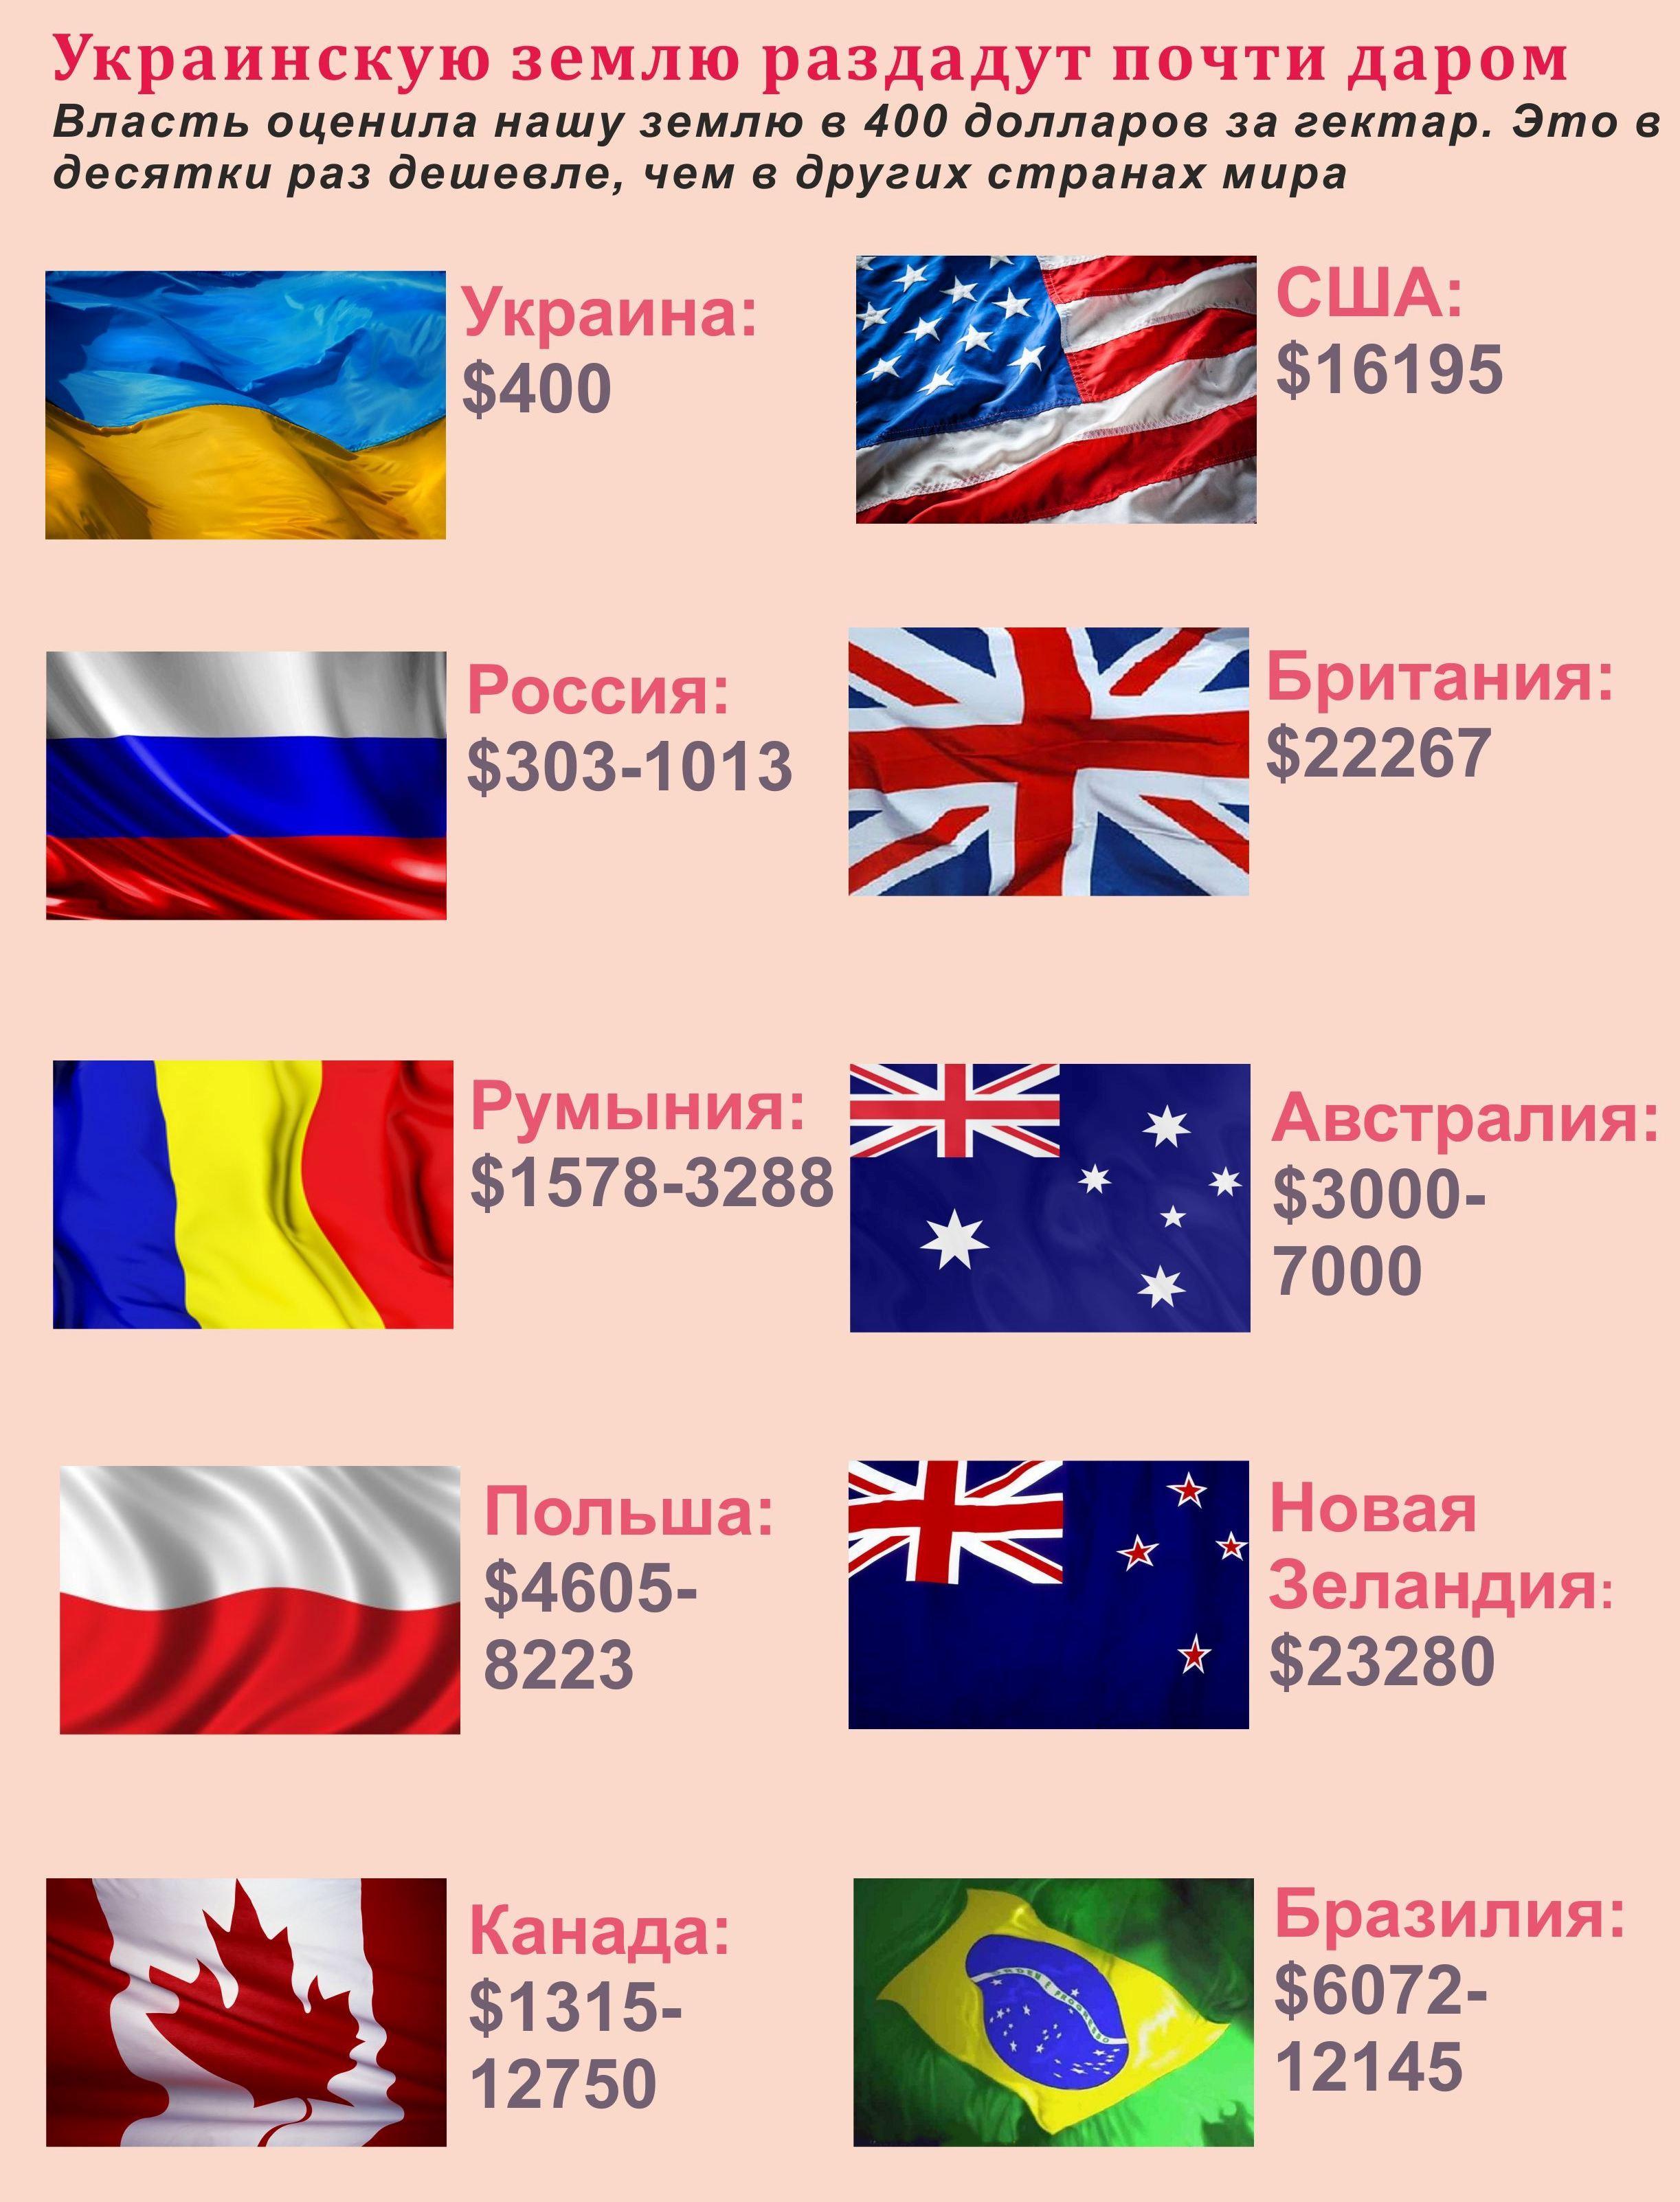 http://img-fotki.yandex.ru/get/6100/130422193.eb/0_76410_a777e7fb_orig